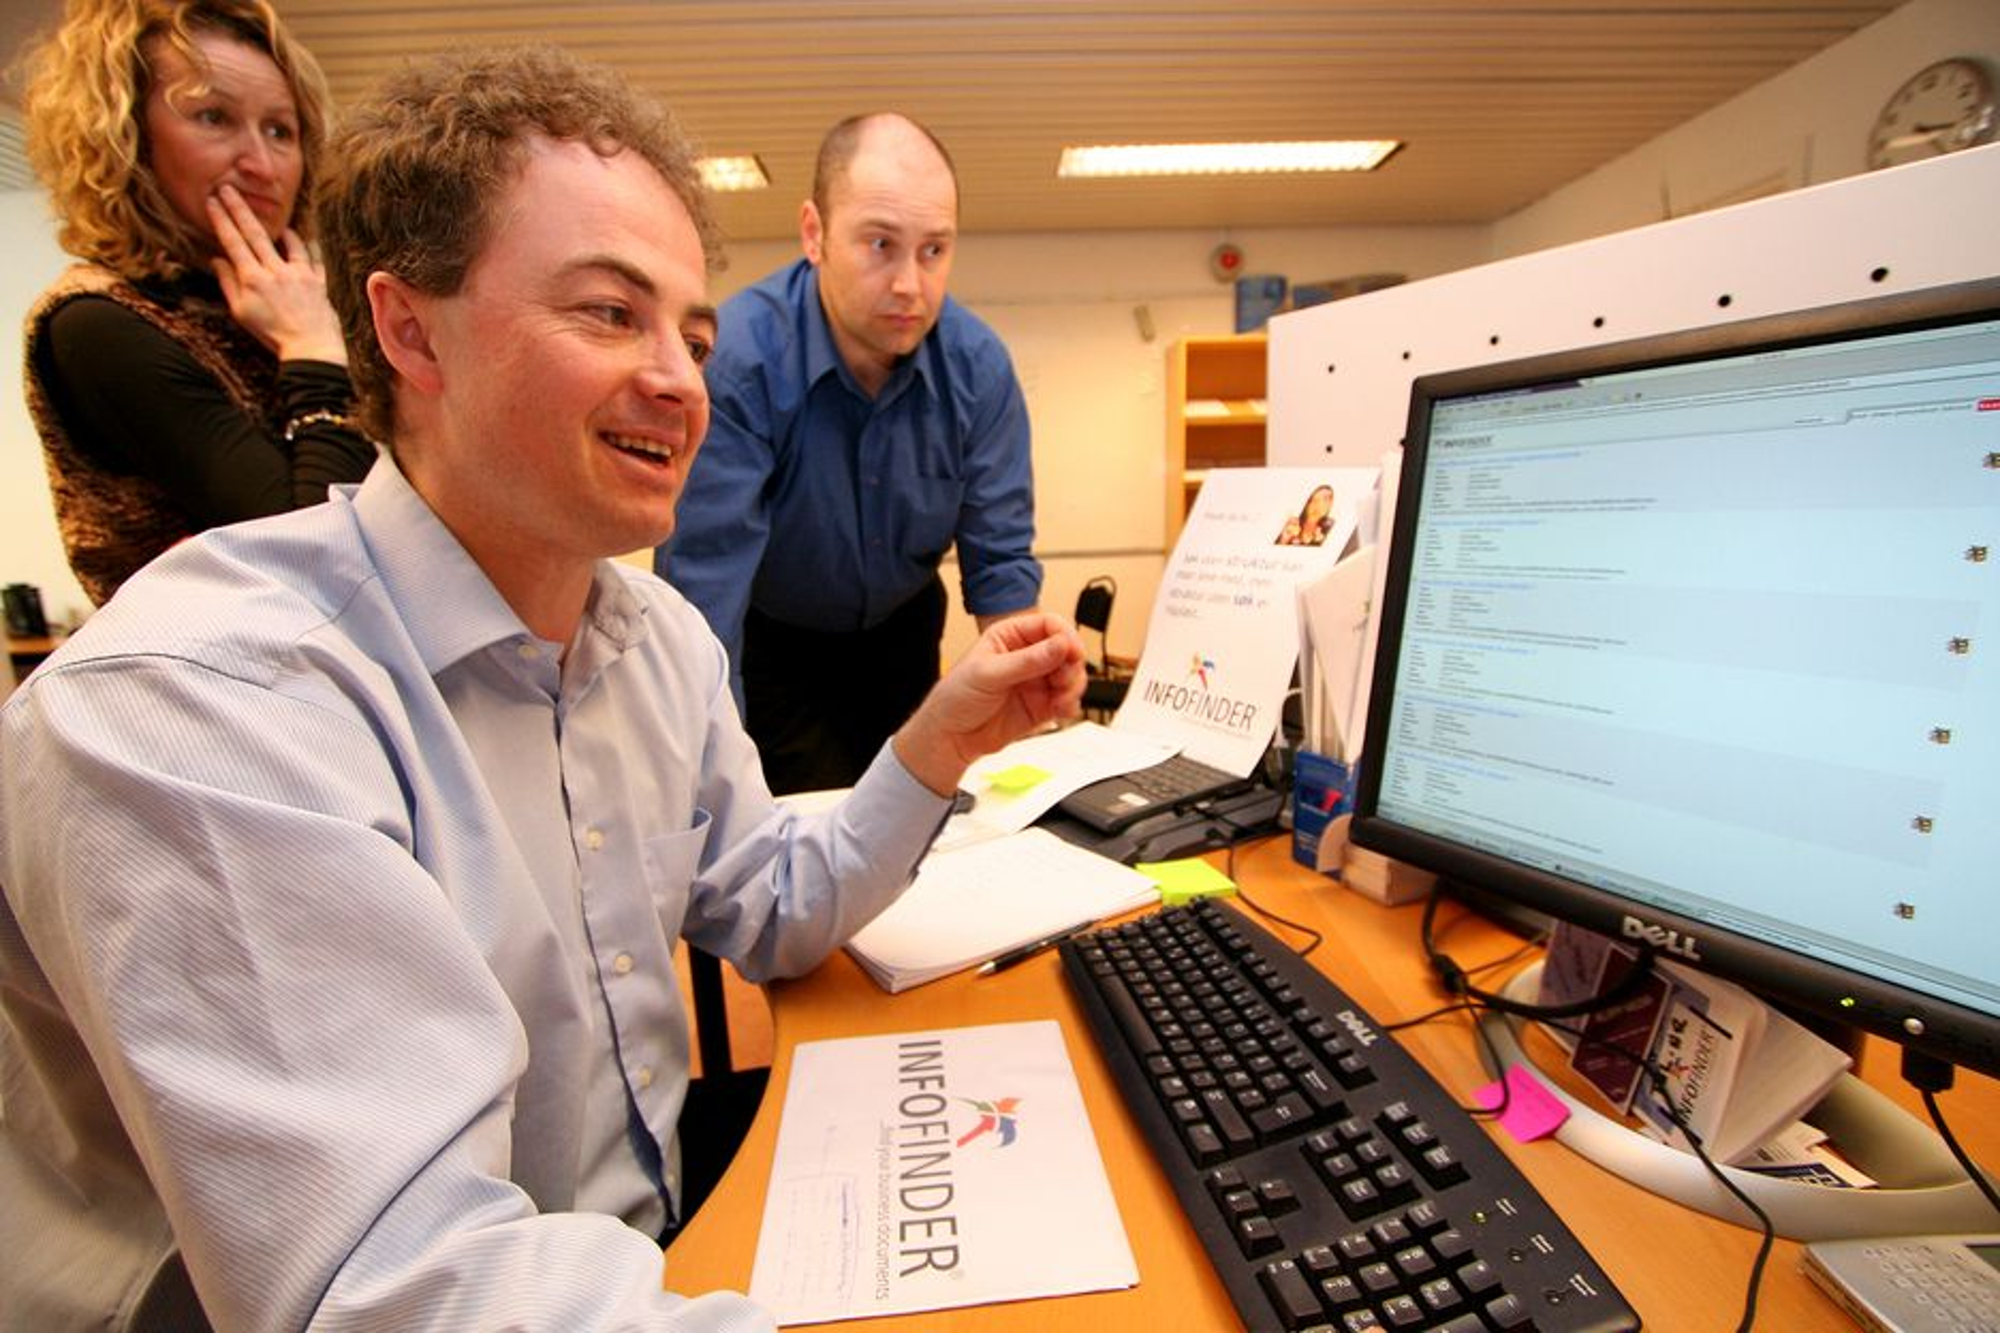 PÅ MOBILEN: Nå vil Infofinder tilby søkemotor direkte på mobilen. Administrerende direktør Lars Morten Nygaard forteller om stor respons så langt.